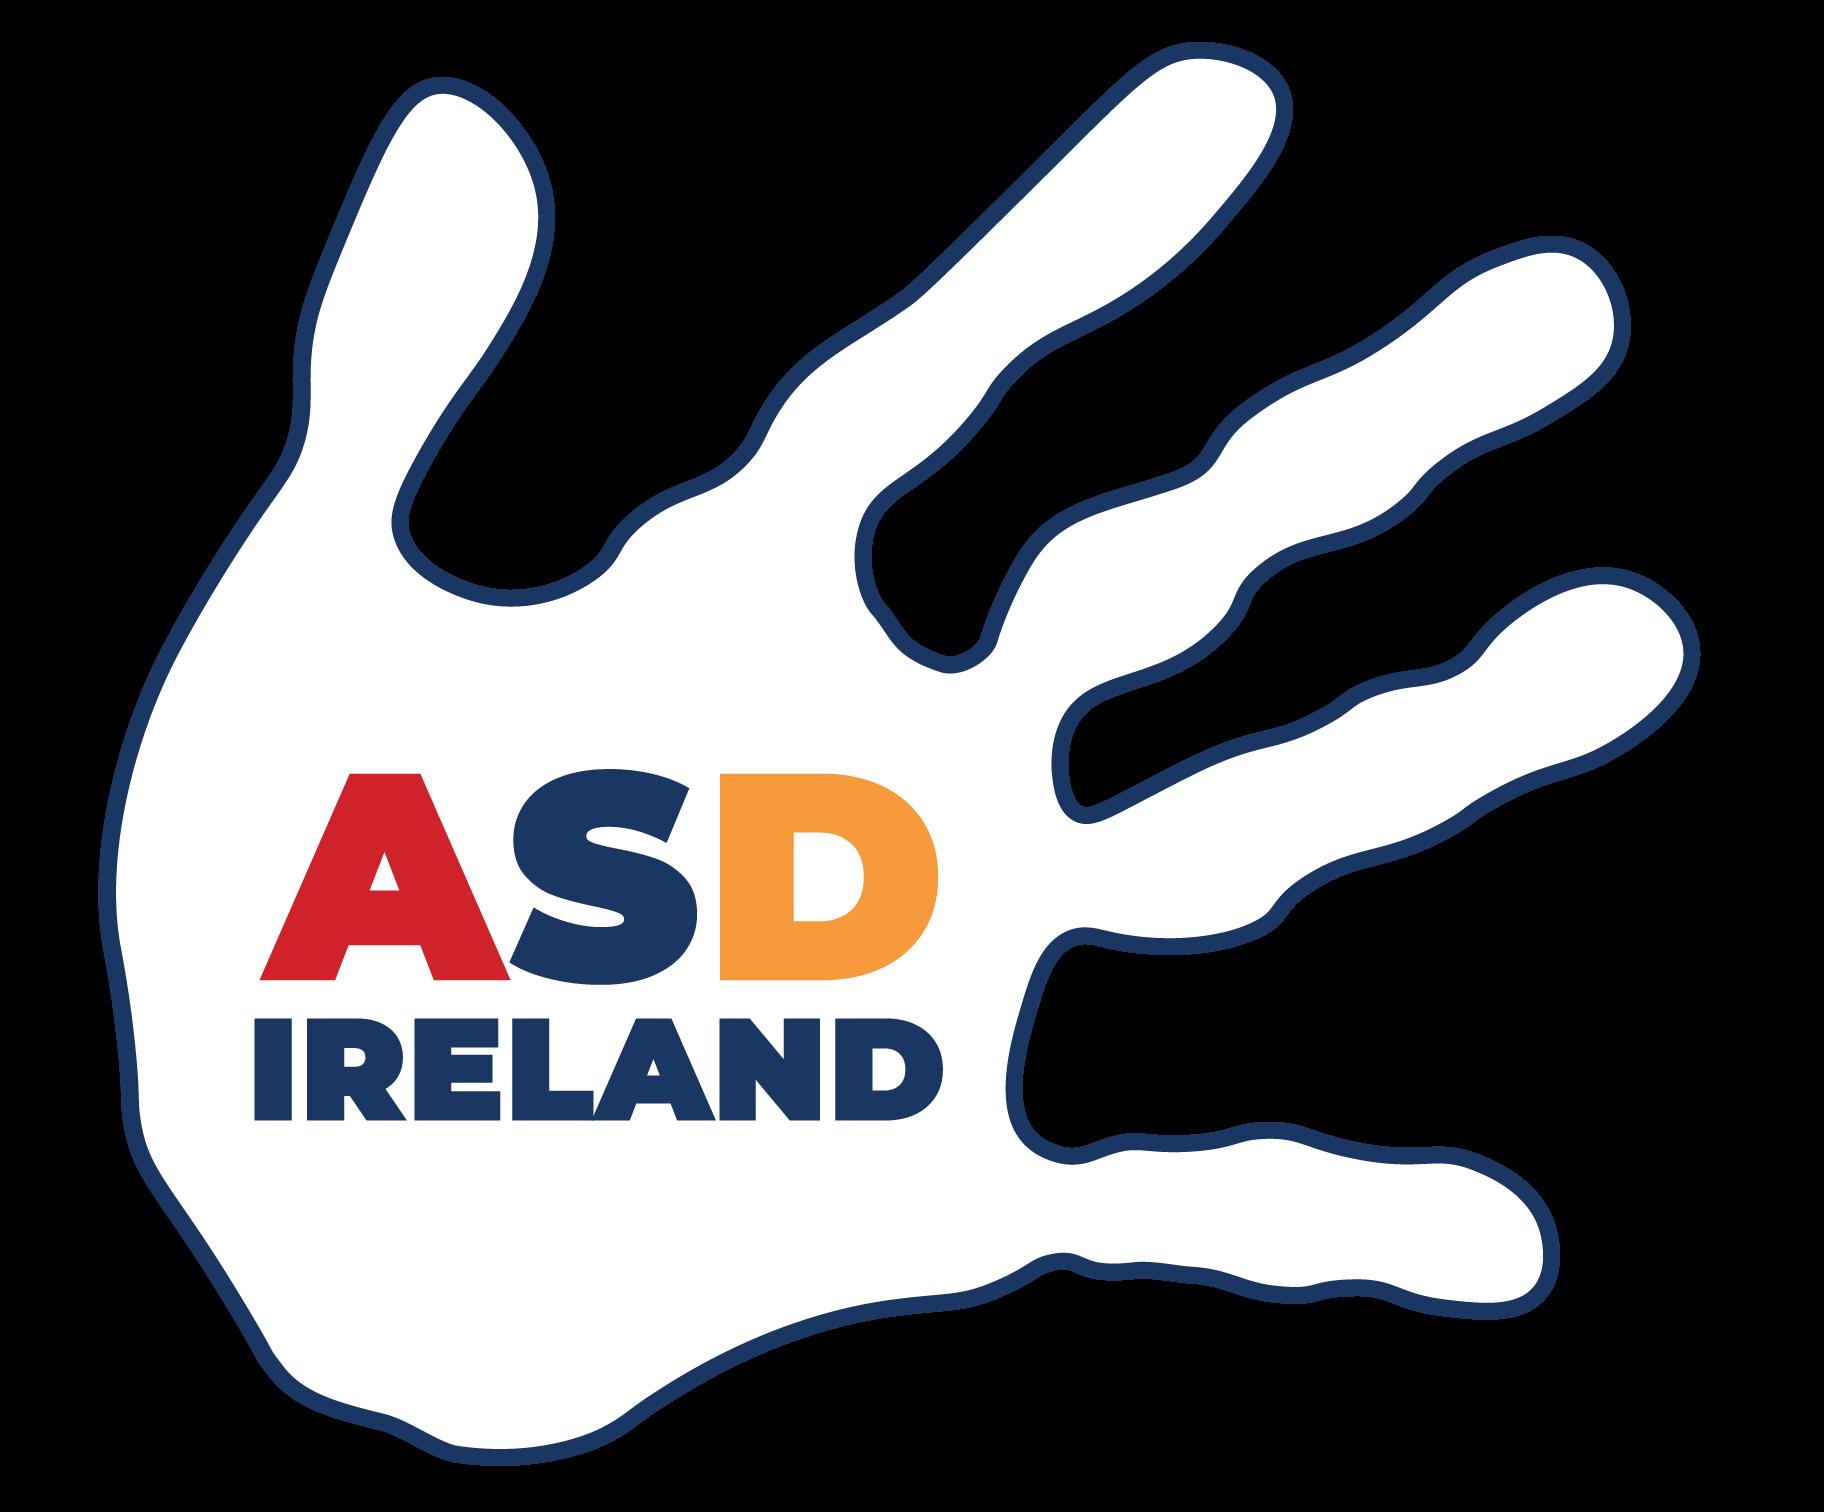 ASD Ireland